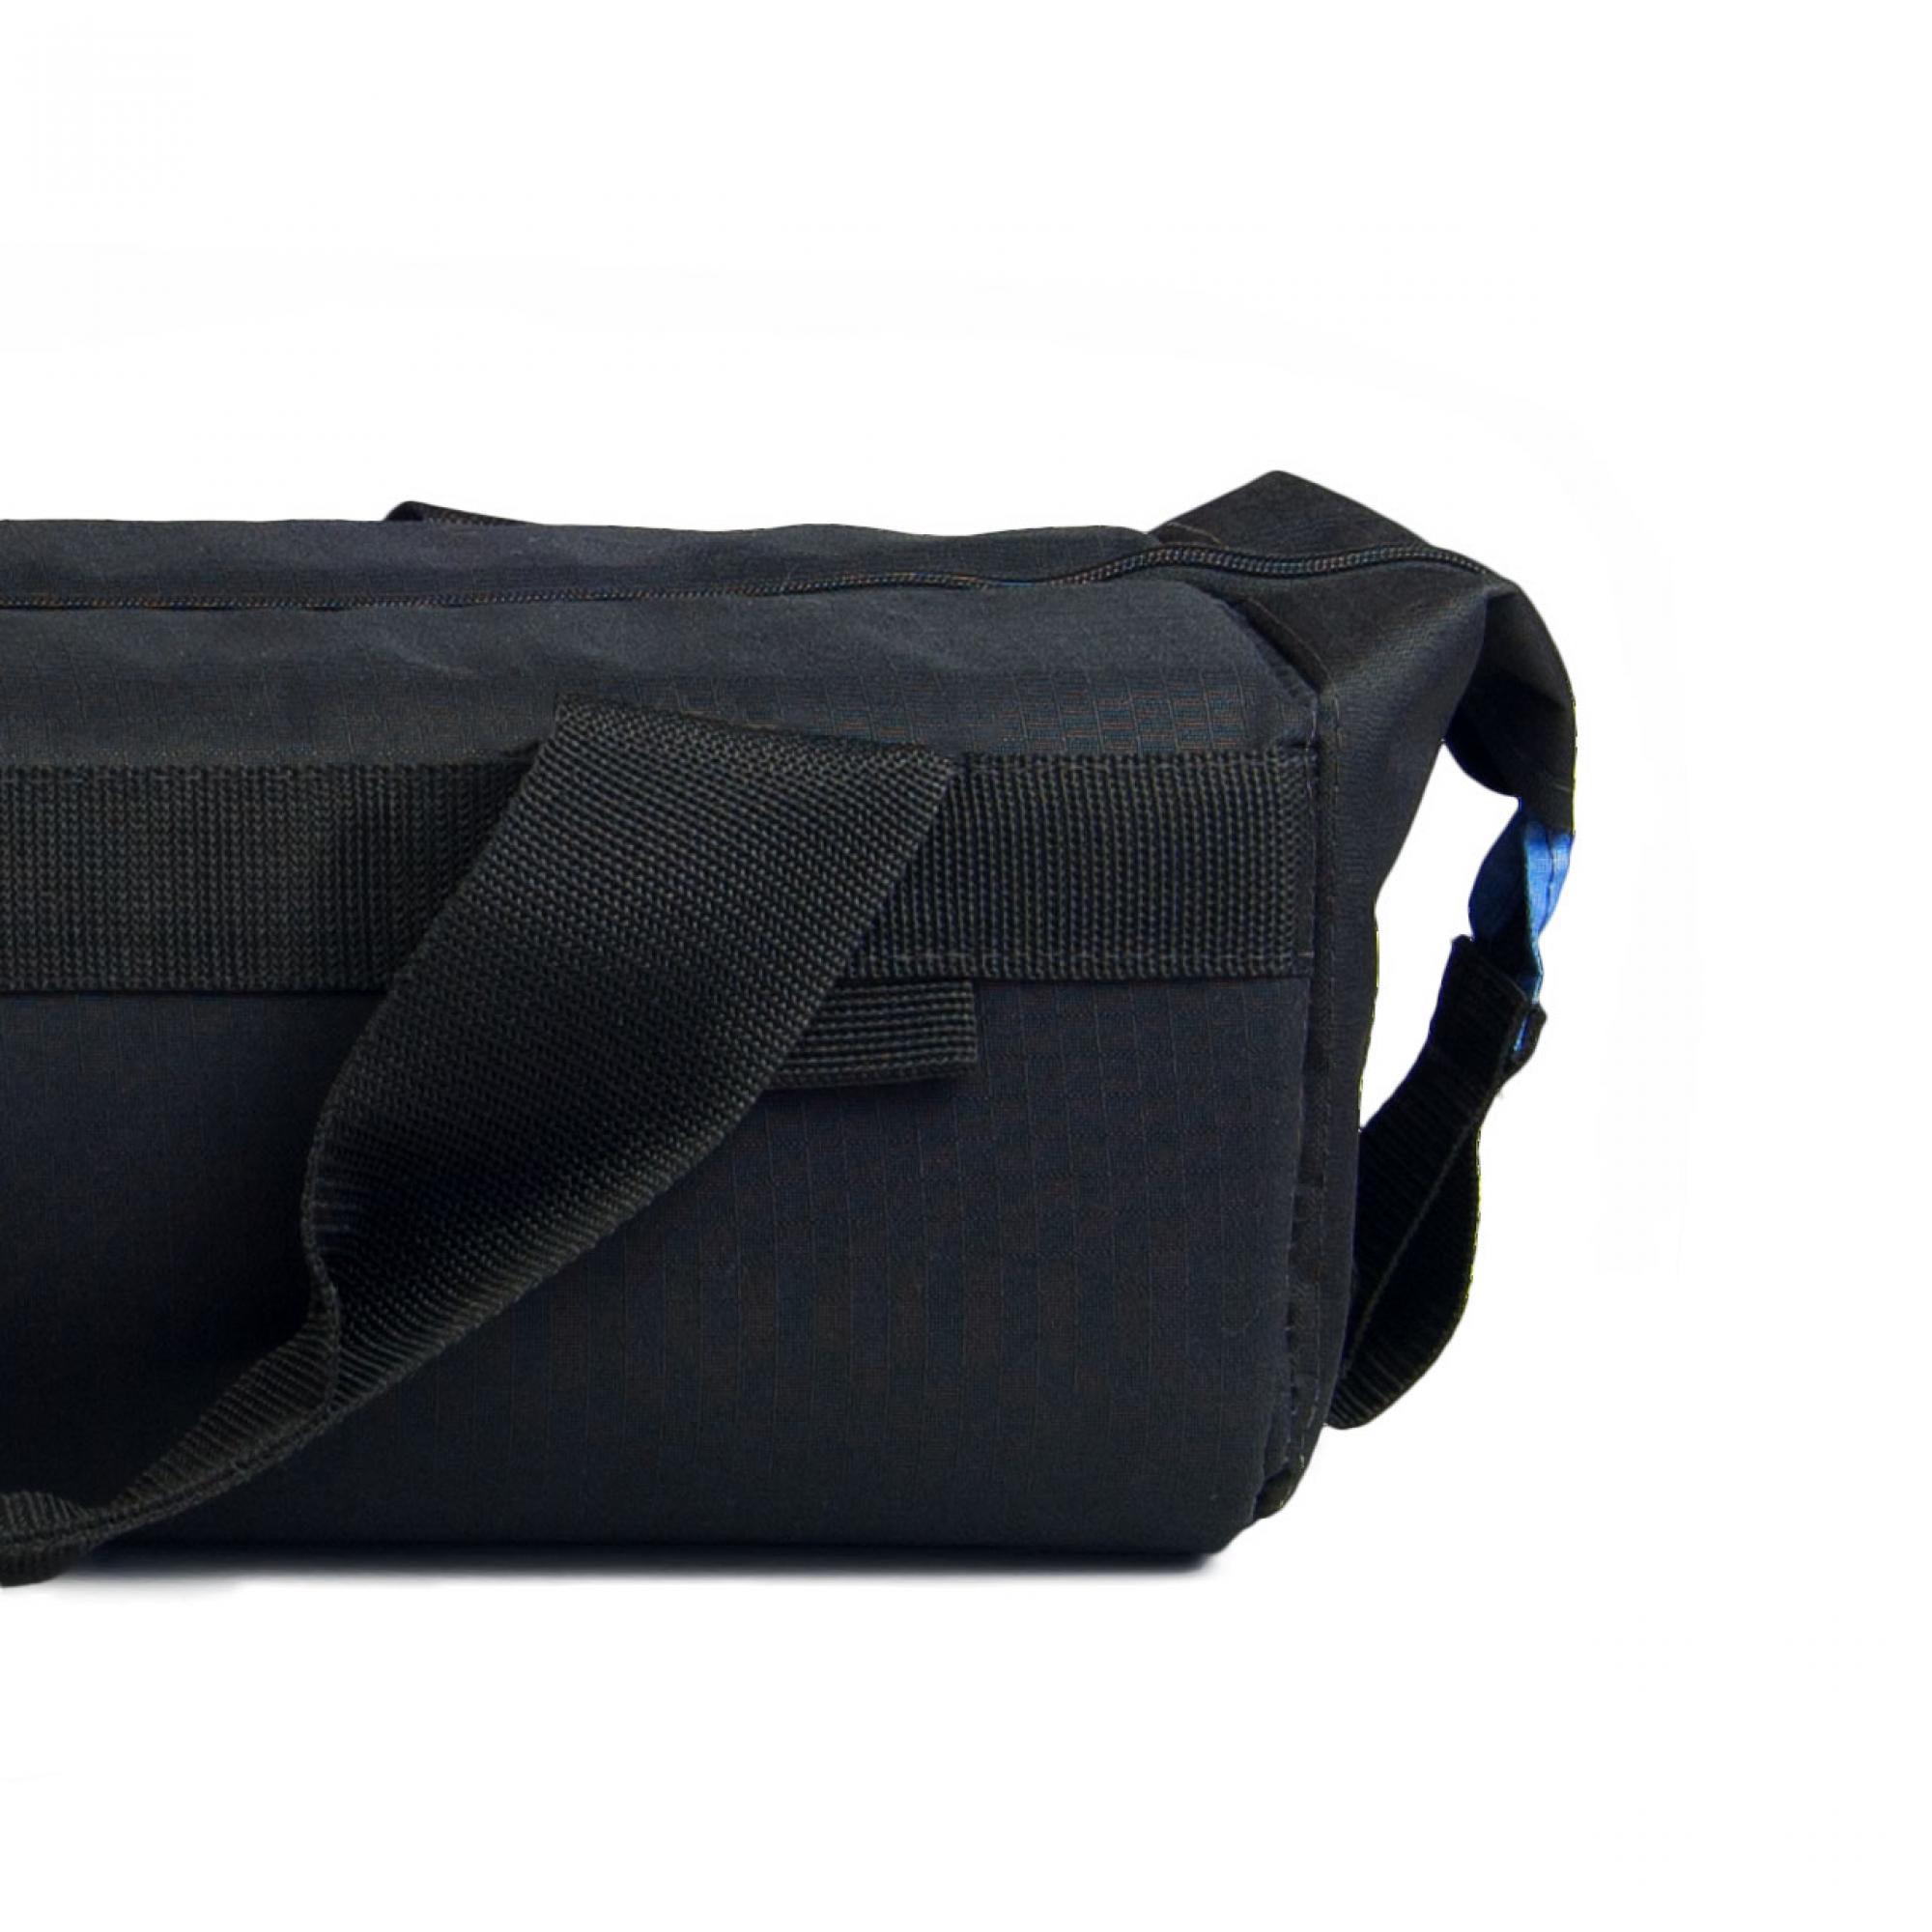 Capa Case Alhva 77cm ou Bag de Tripé ou Instrumento Musical ou Telescópio em Nylon Bolsa com Espuma Interna